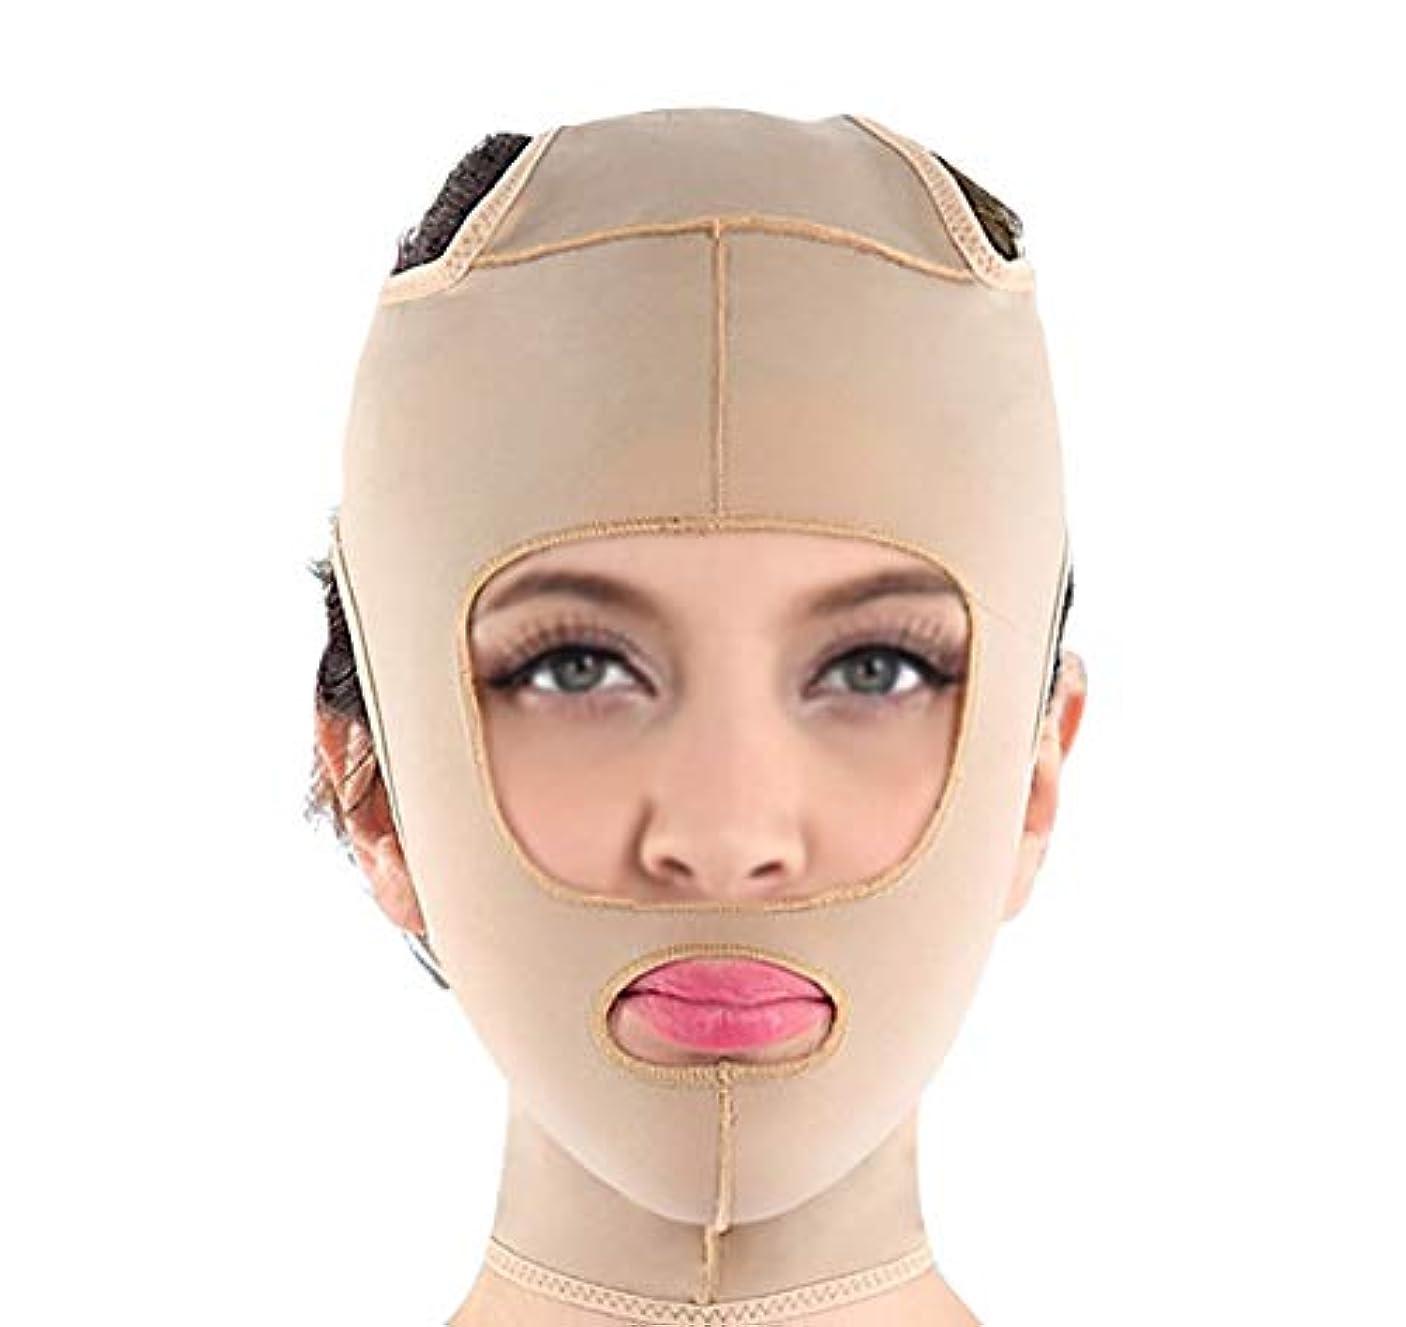 タイヤスイス人火山学肌をしっかりと保ち、顔の筋肉の垂れ下がりや顔の美しい輪郭の形成を防ぐフェイスリフティングマスク (Size : XL)